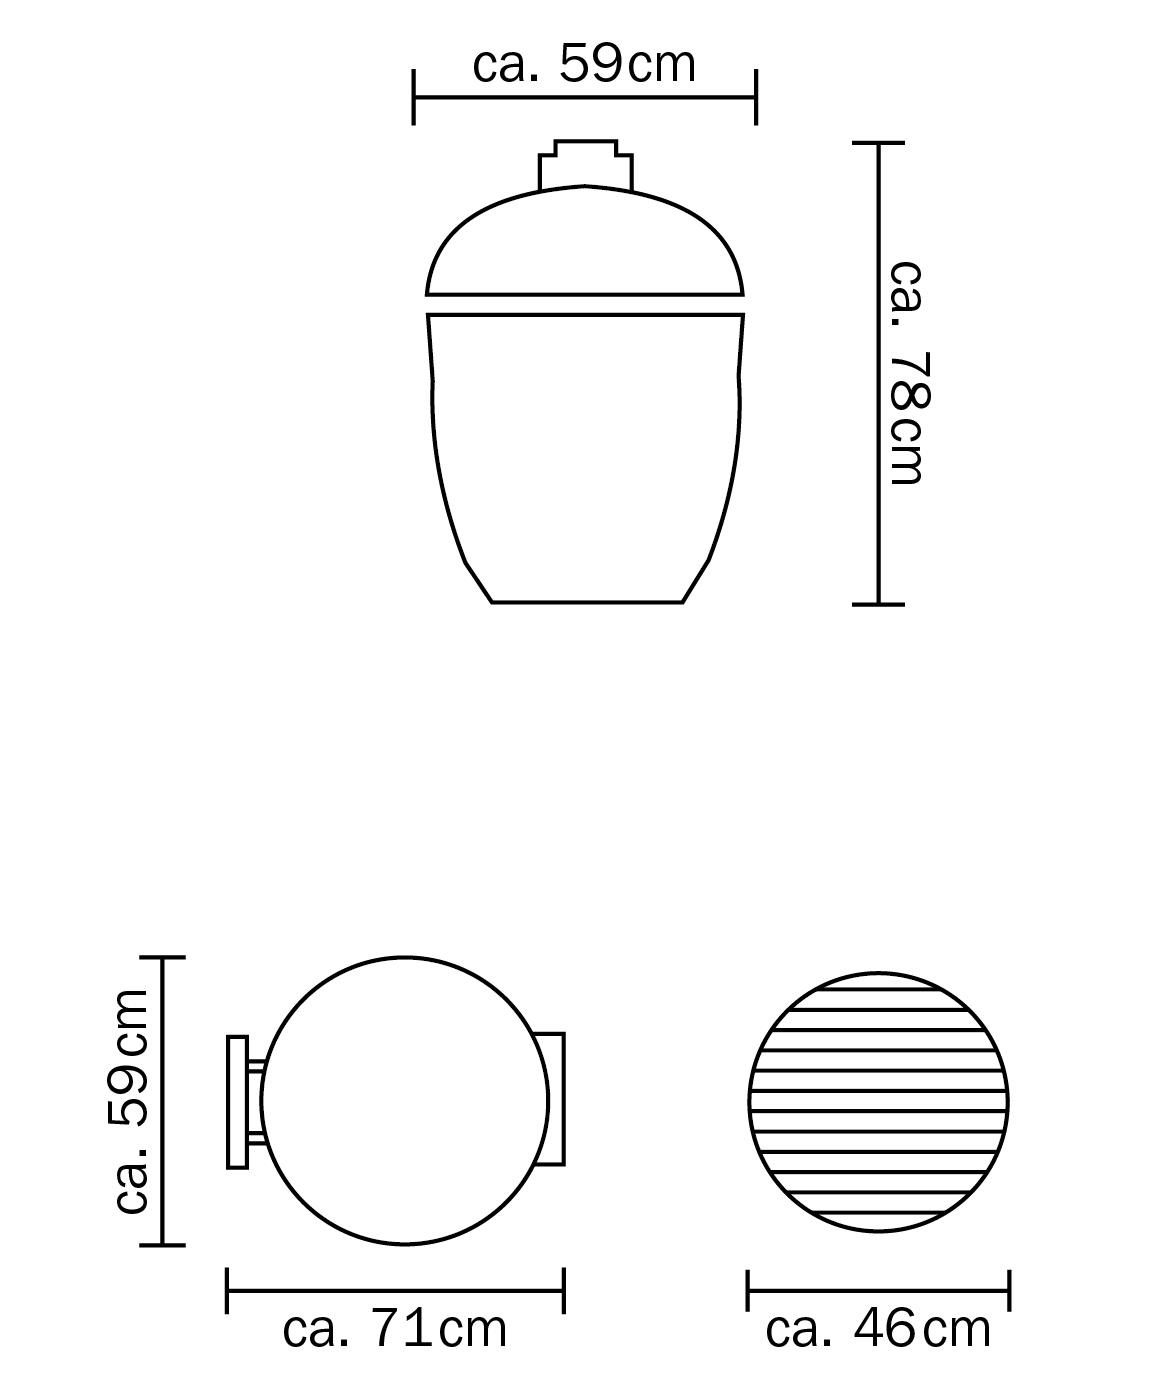 Monolith Classic dimensions